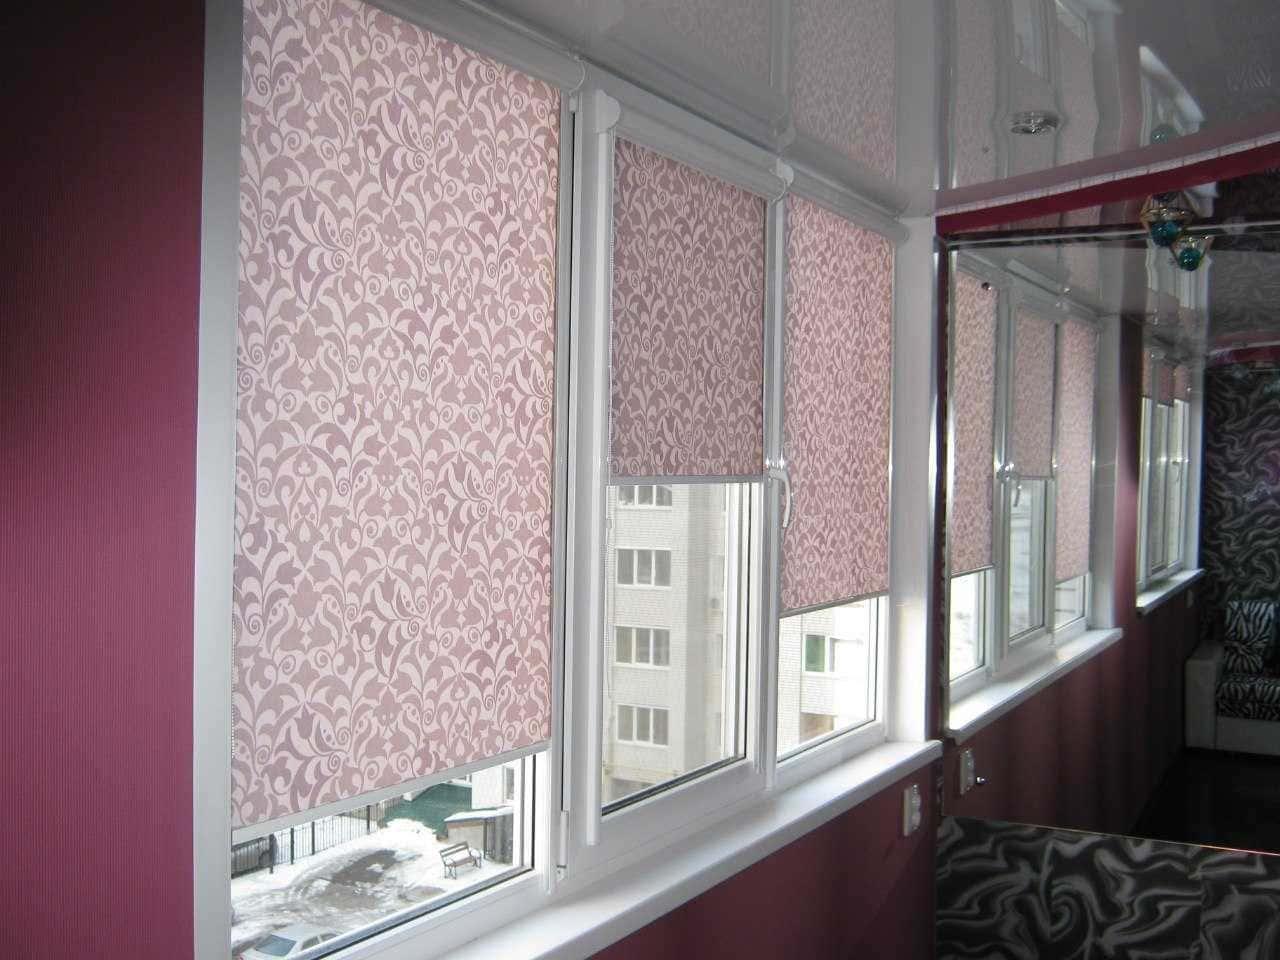 Рулонные шторы - плюсы и минусы установки, выбор материалов 086